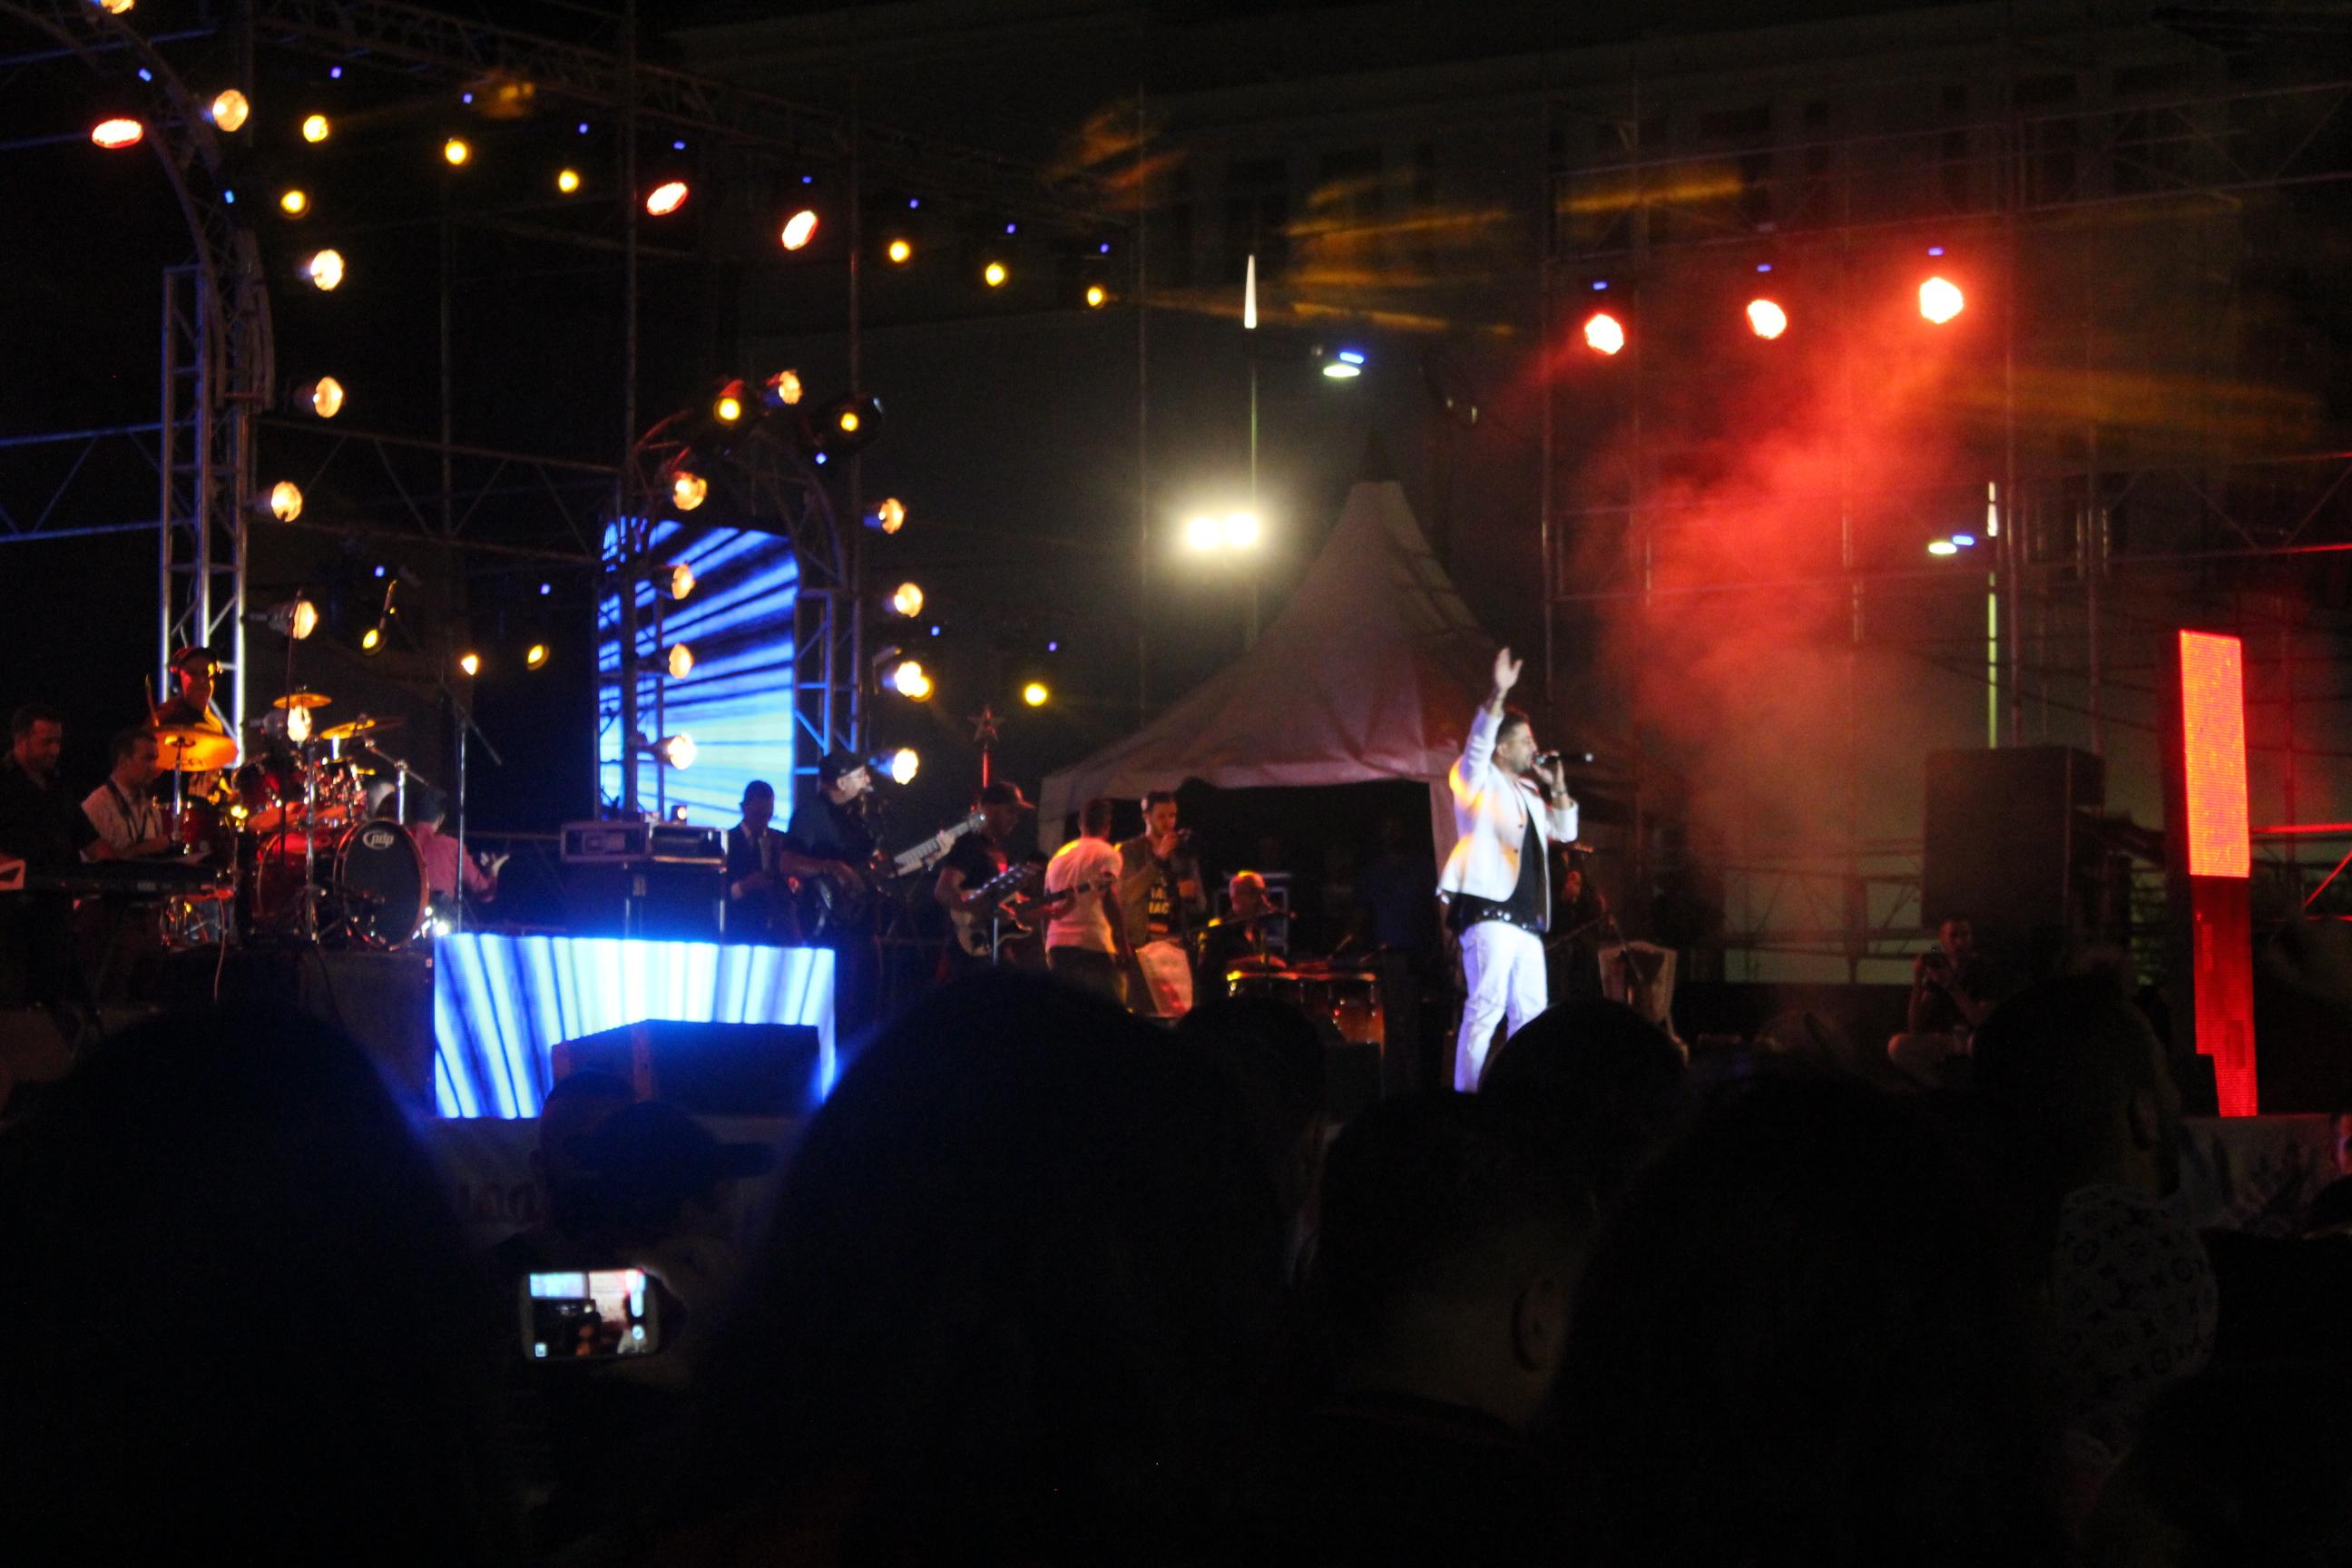 شاهد بالصور:حاتم عمور, براني , زيكو , ليندوا والرحماني يأثثون خشبة الكورنيش بأغانيهم الجميلة